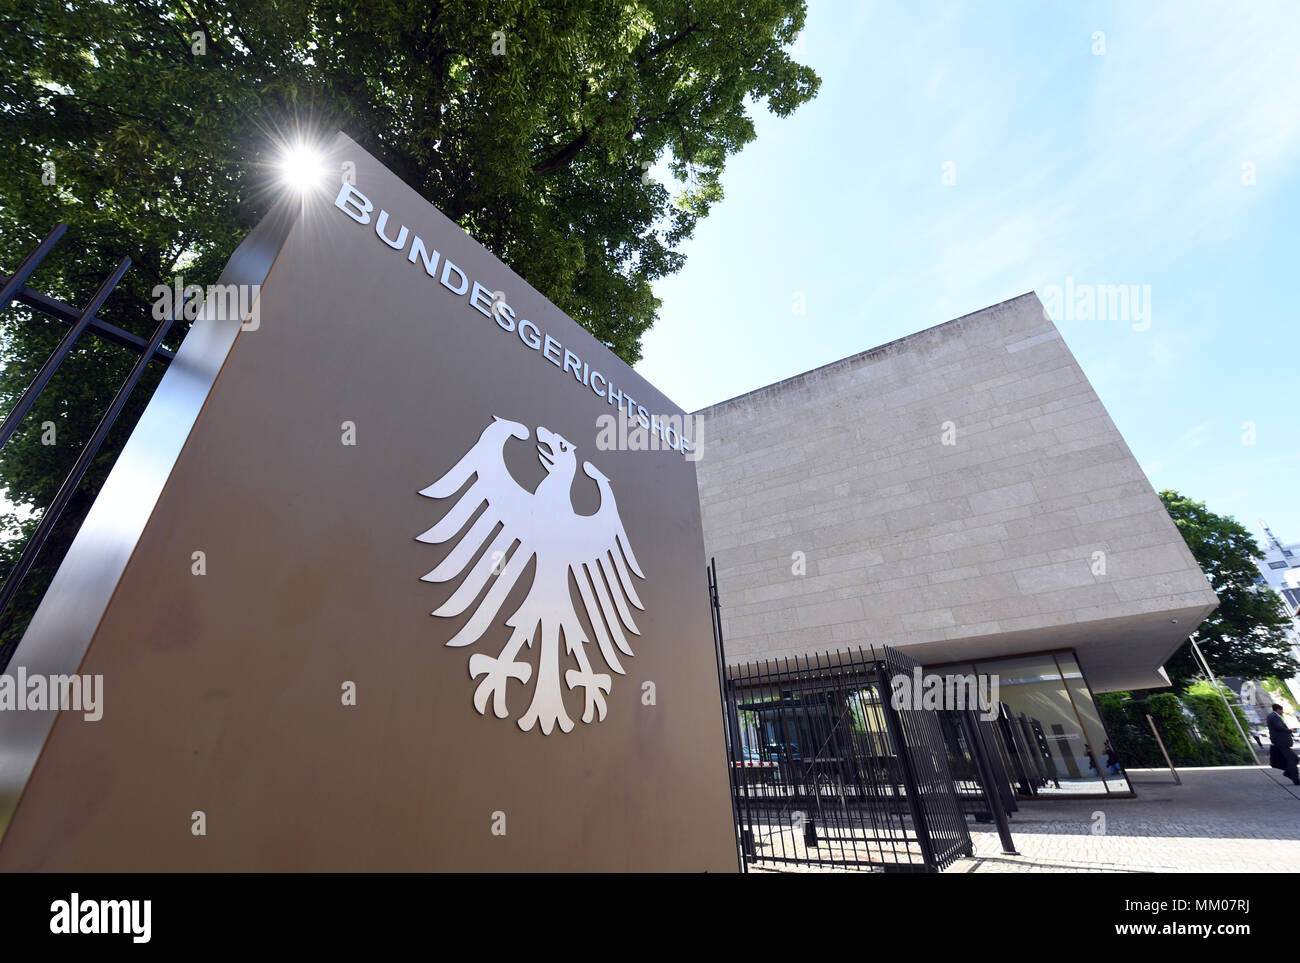 09 de mayo de 2018, Alemania, Karlsruhe: un cartel con el águila alemana y la rotulación del Supremo Tribunal Federal. El Tribunal Supremo Federal está negociando si la música plataforma Youtube lleva la responsabilidad por las violaciones de los derechos de autor de sus usuarios. Un productor de música ha venido demandando a la filial de Google durante diez años. Foto: Uli Deck/dpa Foto de stock